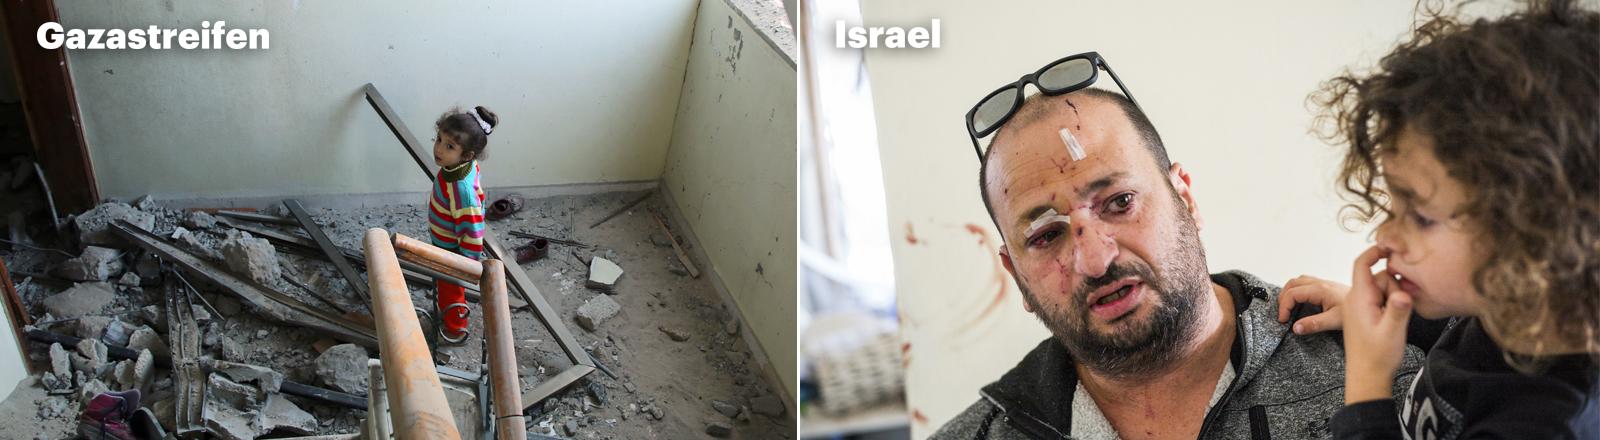 Links: Ein kleines Mädchen steht in einem völlig zerstörten Treppenhaus in Gaza. Rechts: Ein Vater im israelischen Aschkelon hat Wunden im Gesicht, er hält sein Kind auf dem Arm.